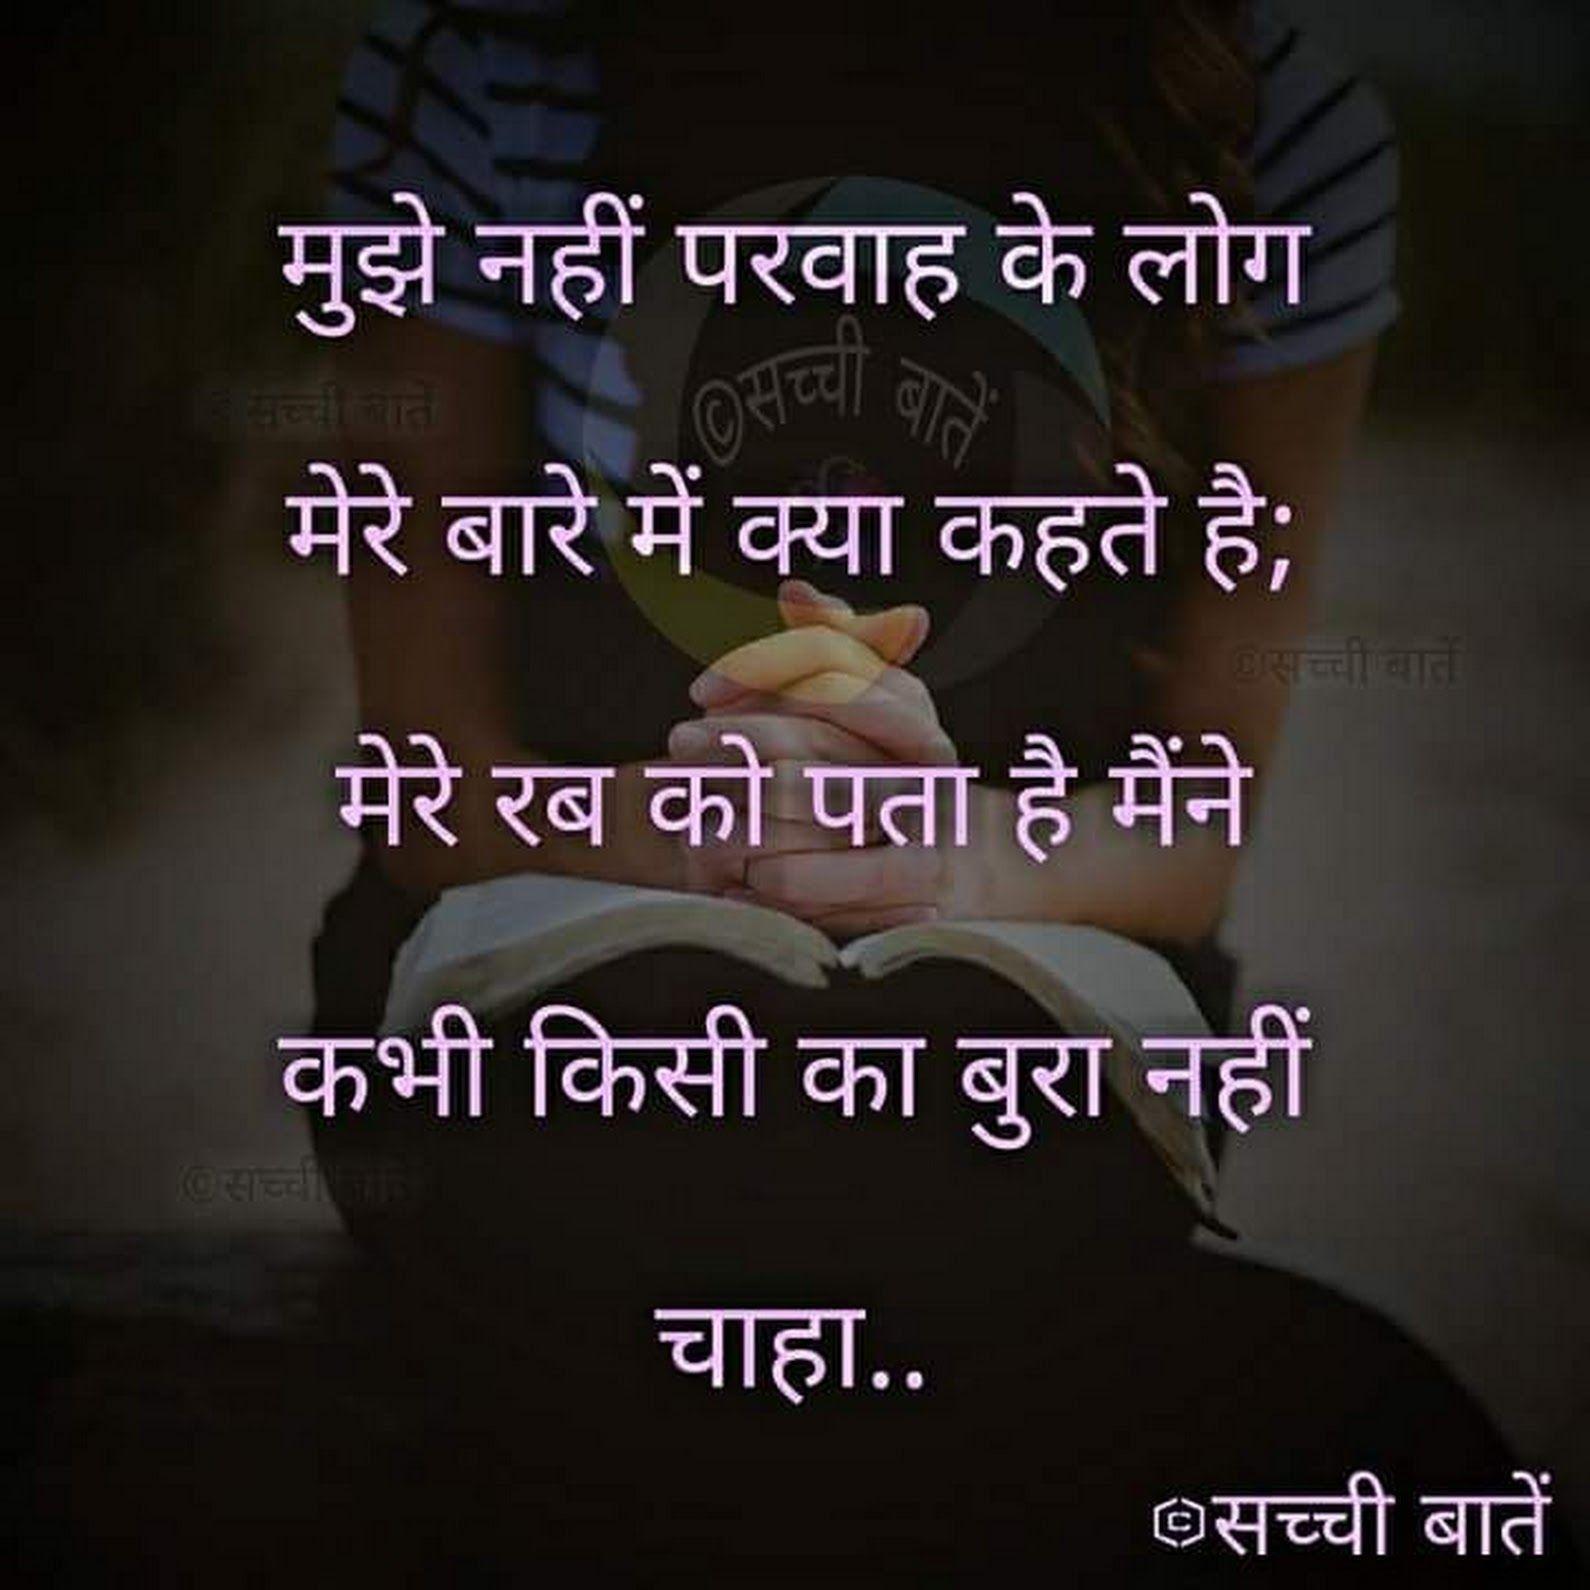 Priya Sharma Life Quotes Hindi Quotes Emotional Quotes